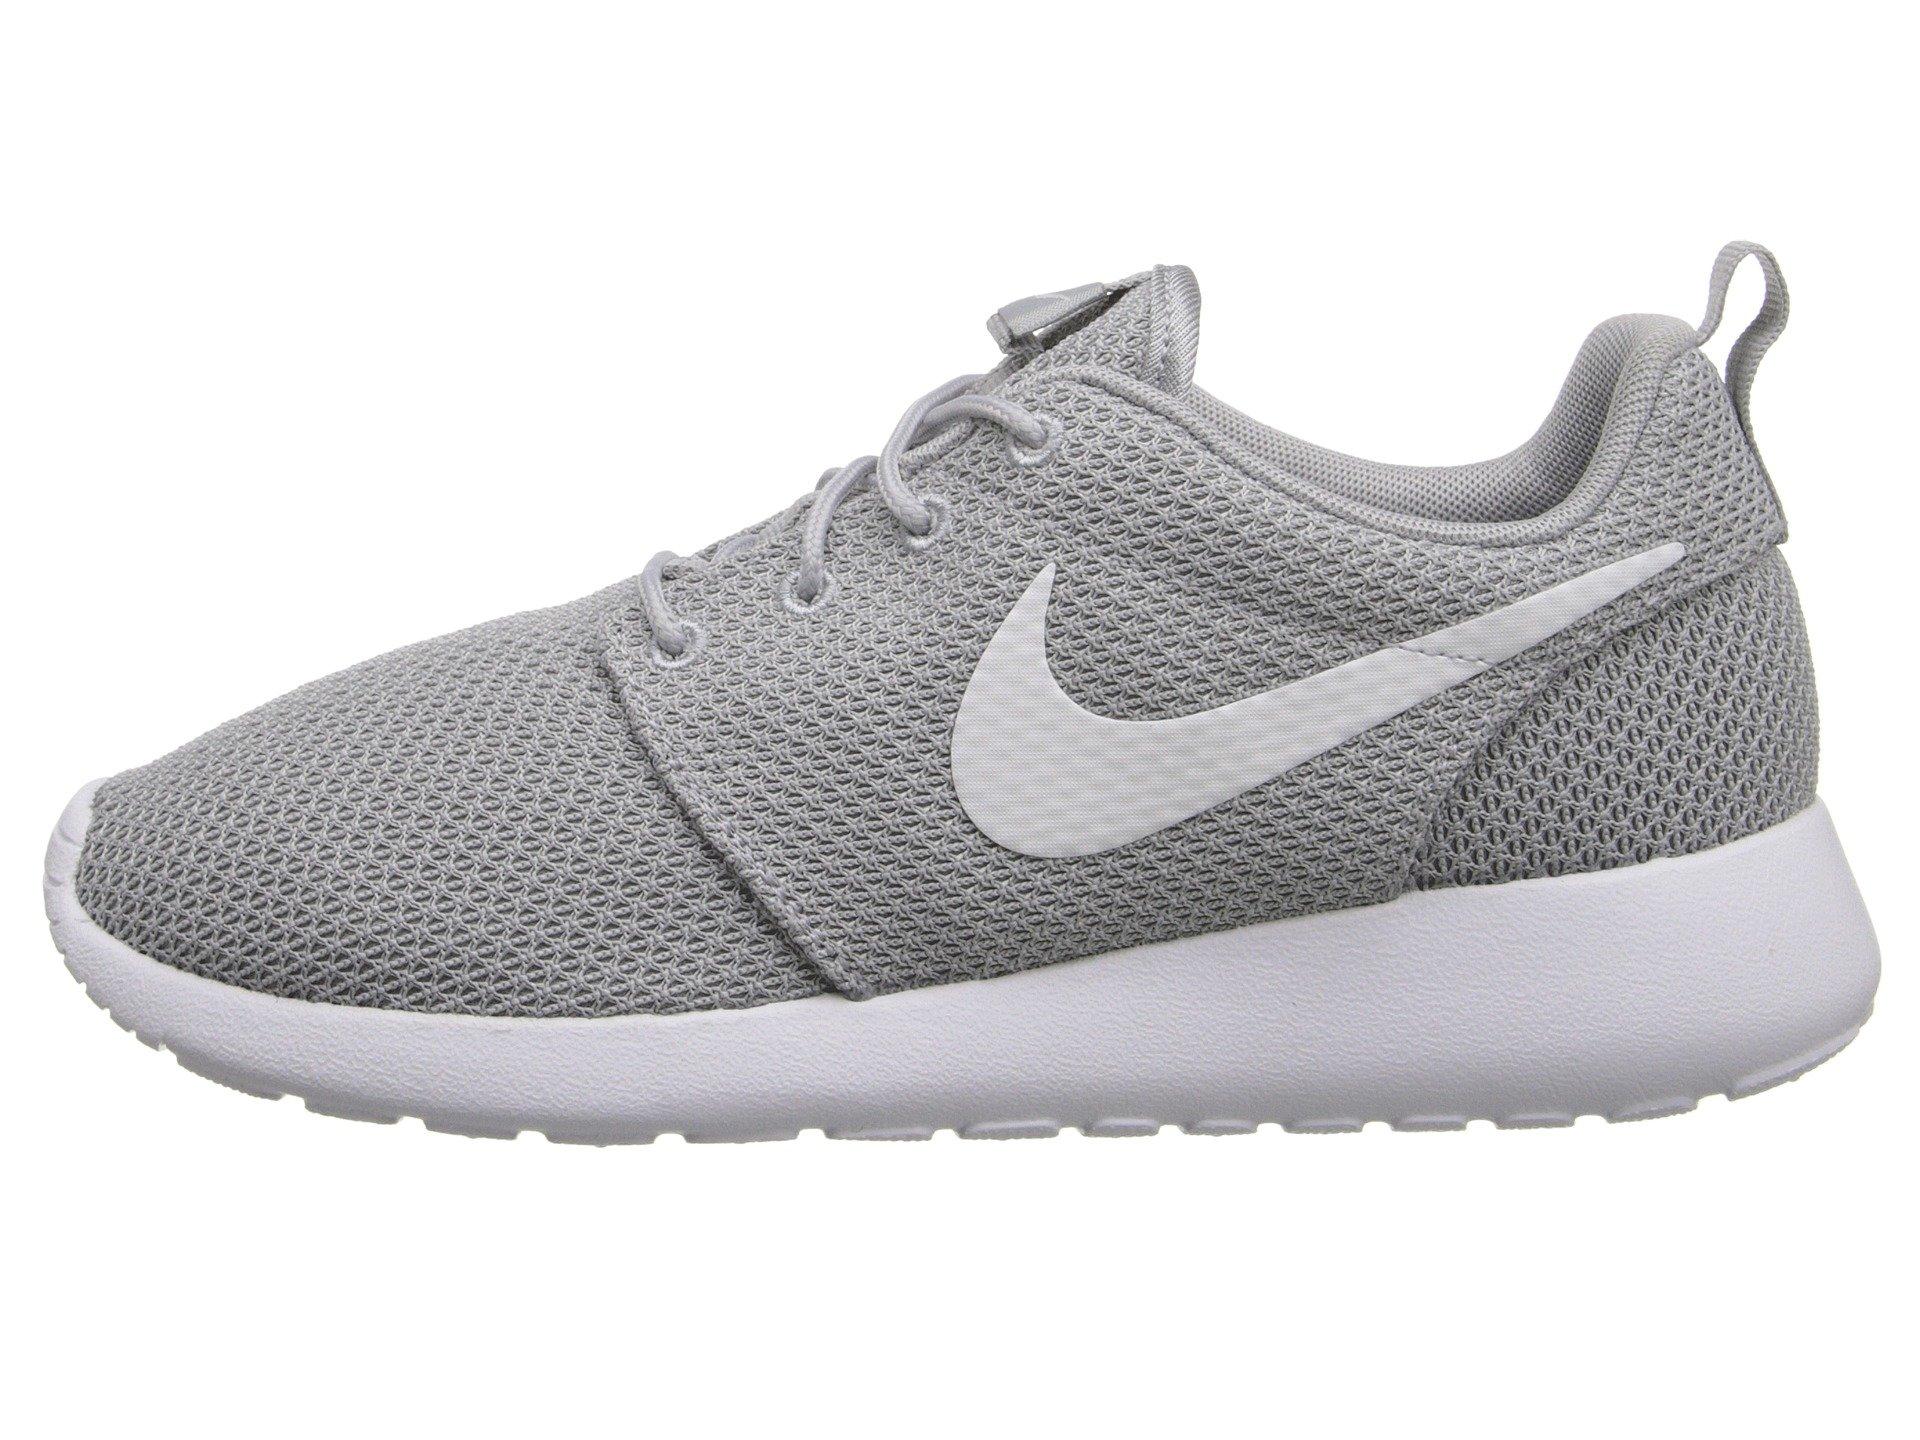 Führen Sie Nike Roshe One Run Klein Pb & J Kd 7